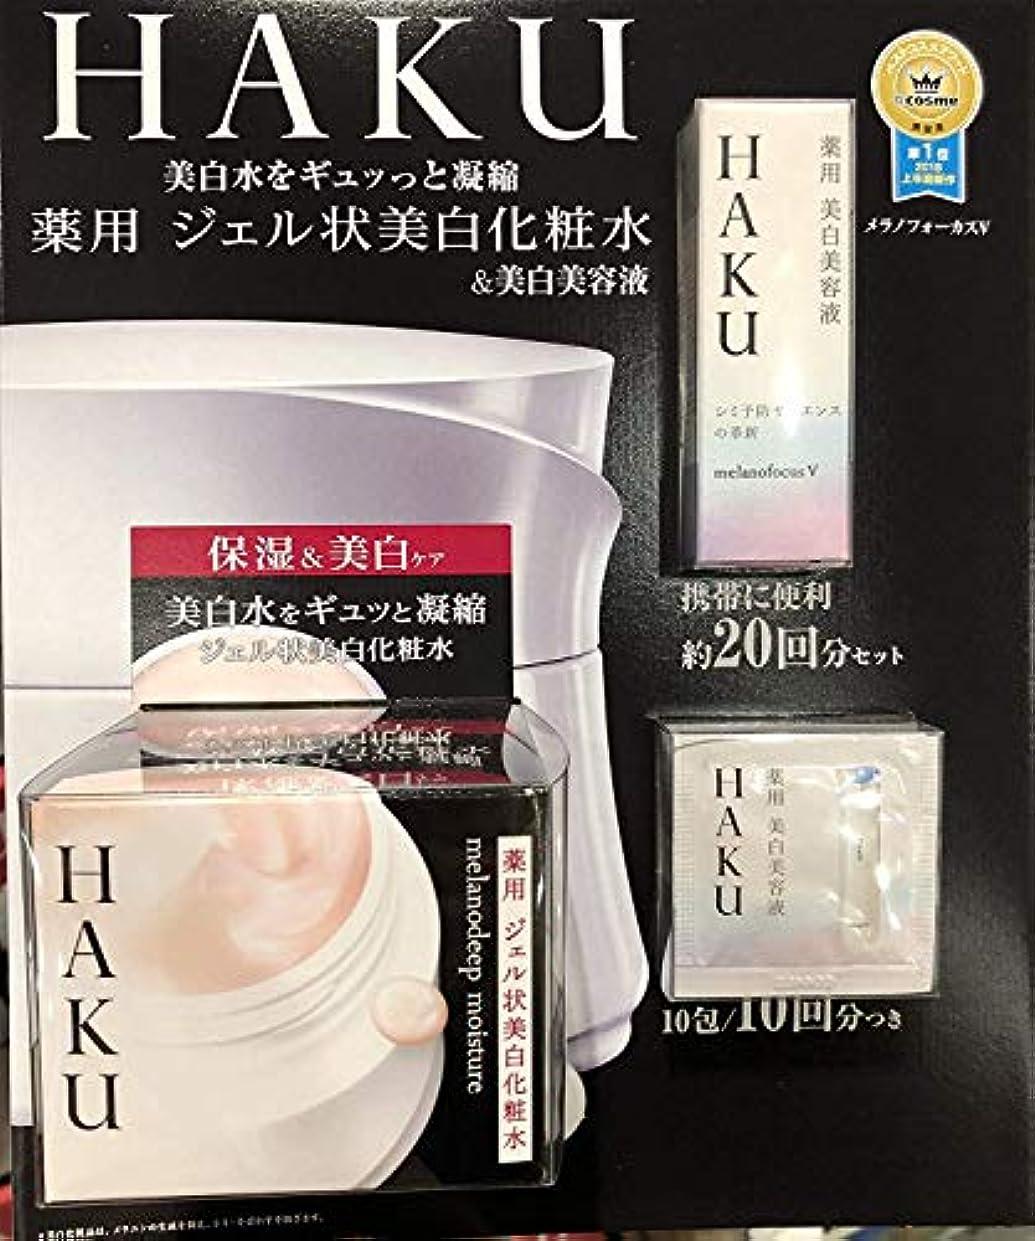 香ばしいレインコートエピソード資生堂 HAKU 美白セット 薬用 ジェル状美白化粧水&薬用美白乳液セット